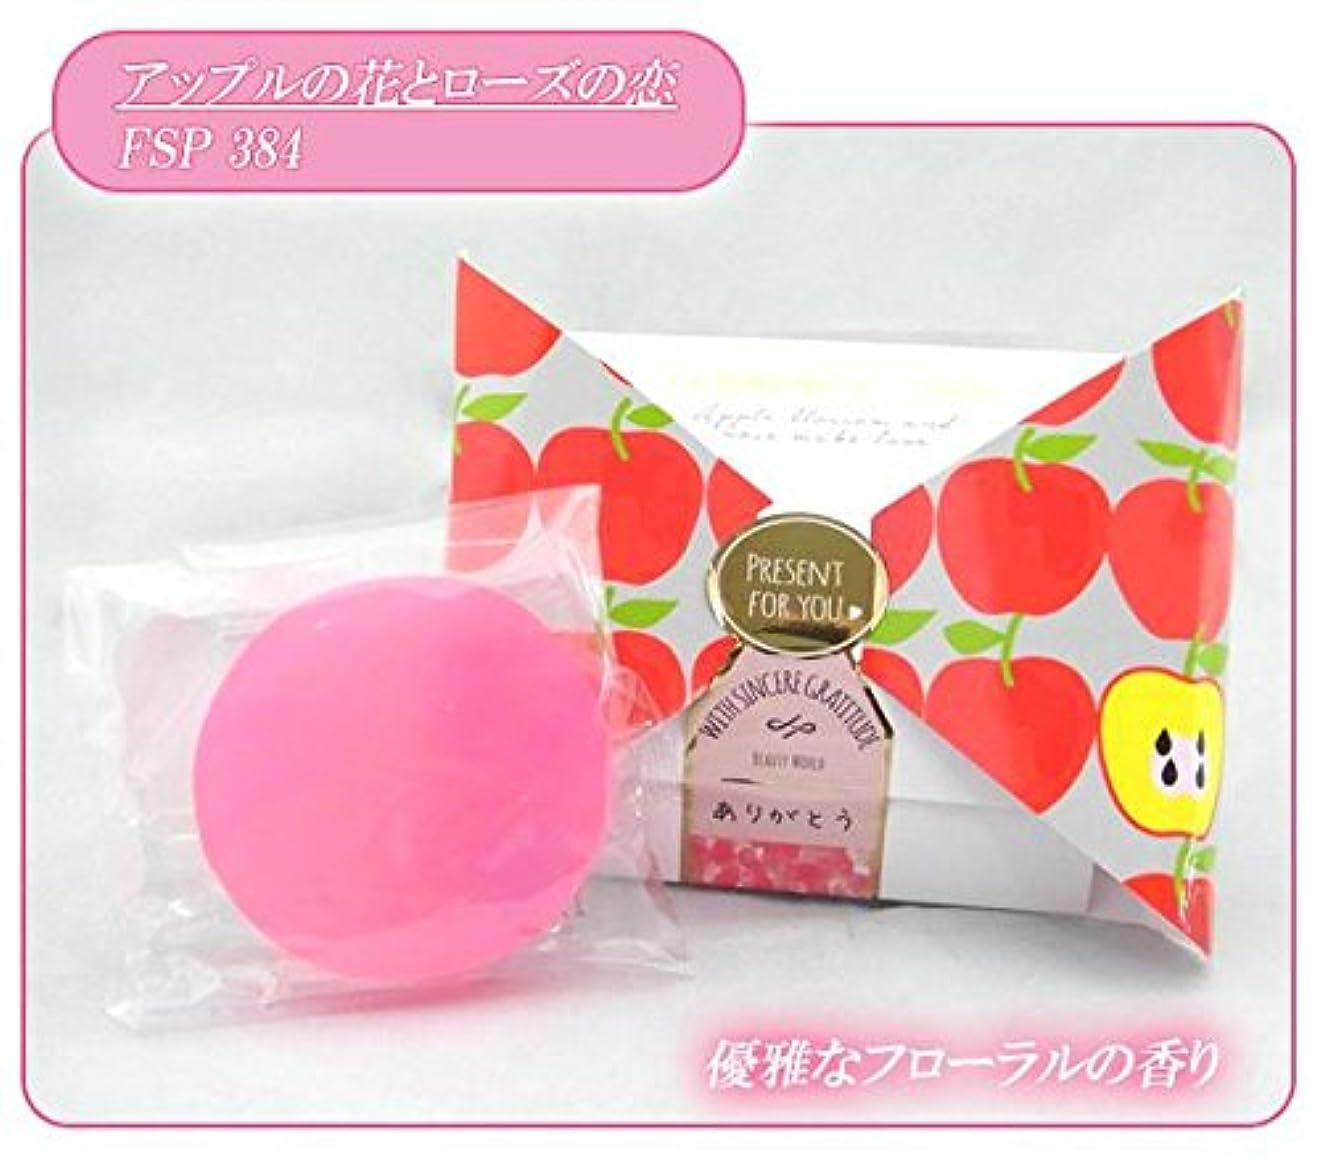 批判的くるみ代表するビューティーワールド BWフローレンスの香り石けん リボンパッケージ 6個セット アップルの花とローズの恋